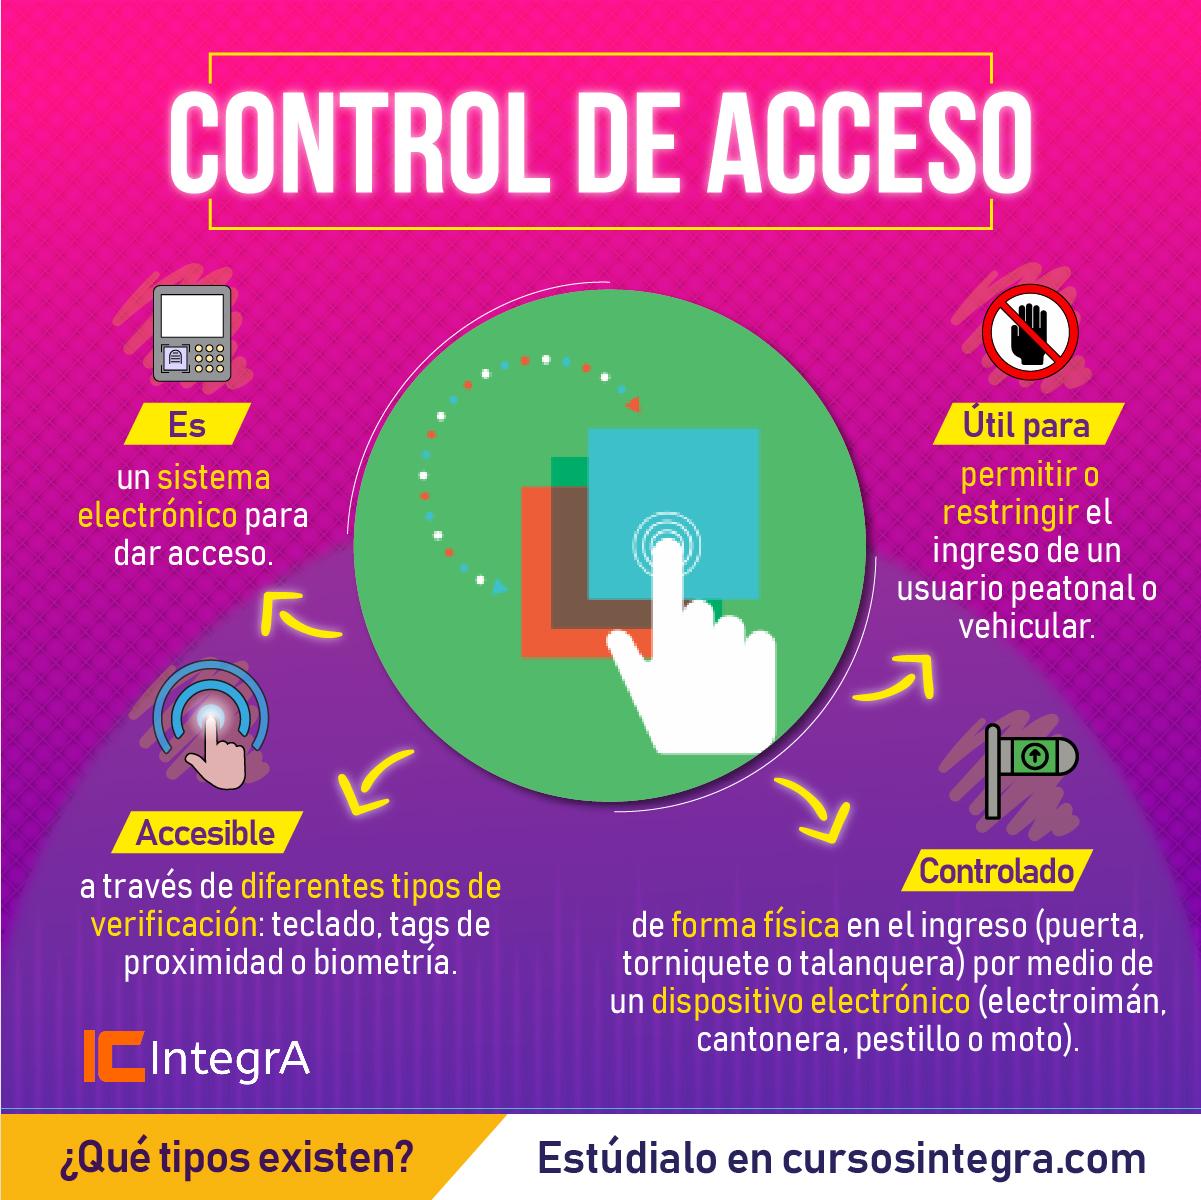 control-de-acceso-que-es-y-paraque-resulta-util